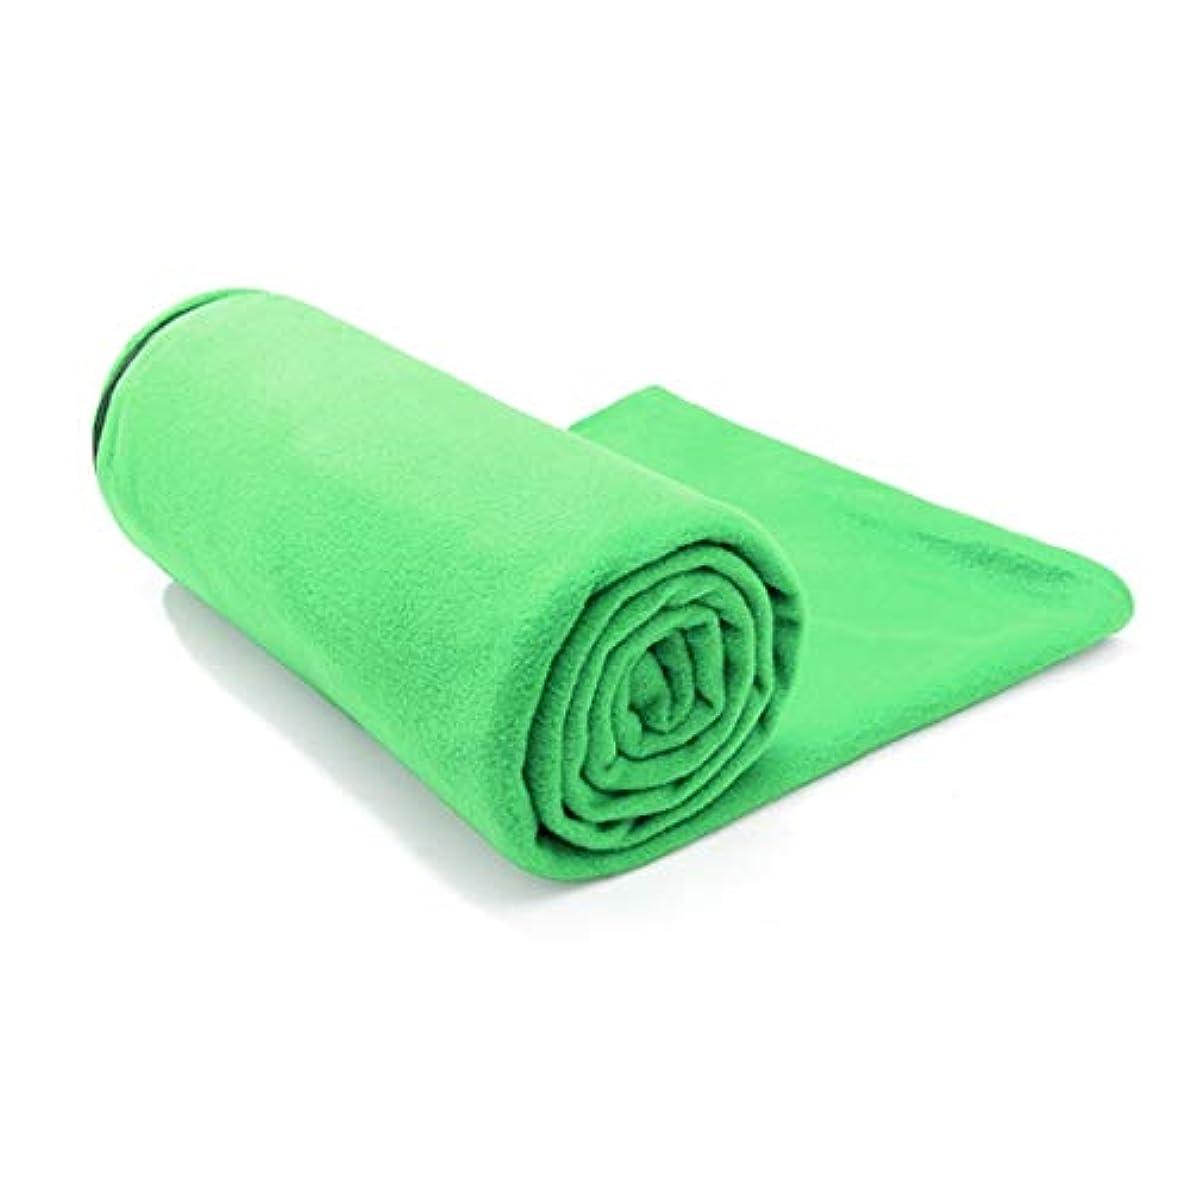 助けて非互換まどろみのあるKoloeplf アウトドアランチブレイクダーティエンベロープタイプ両面フリースライナーフリース寝袋 (Color : Green)